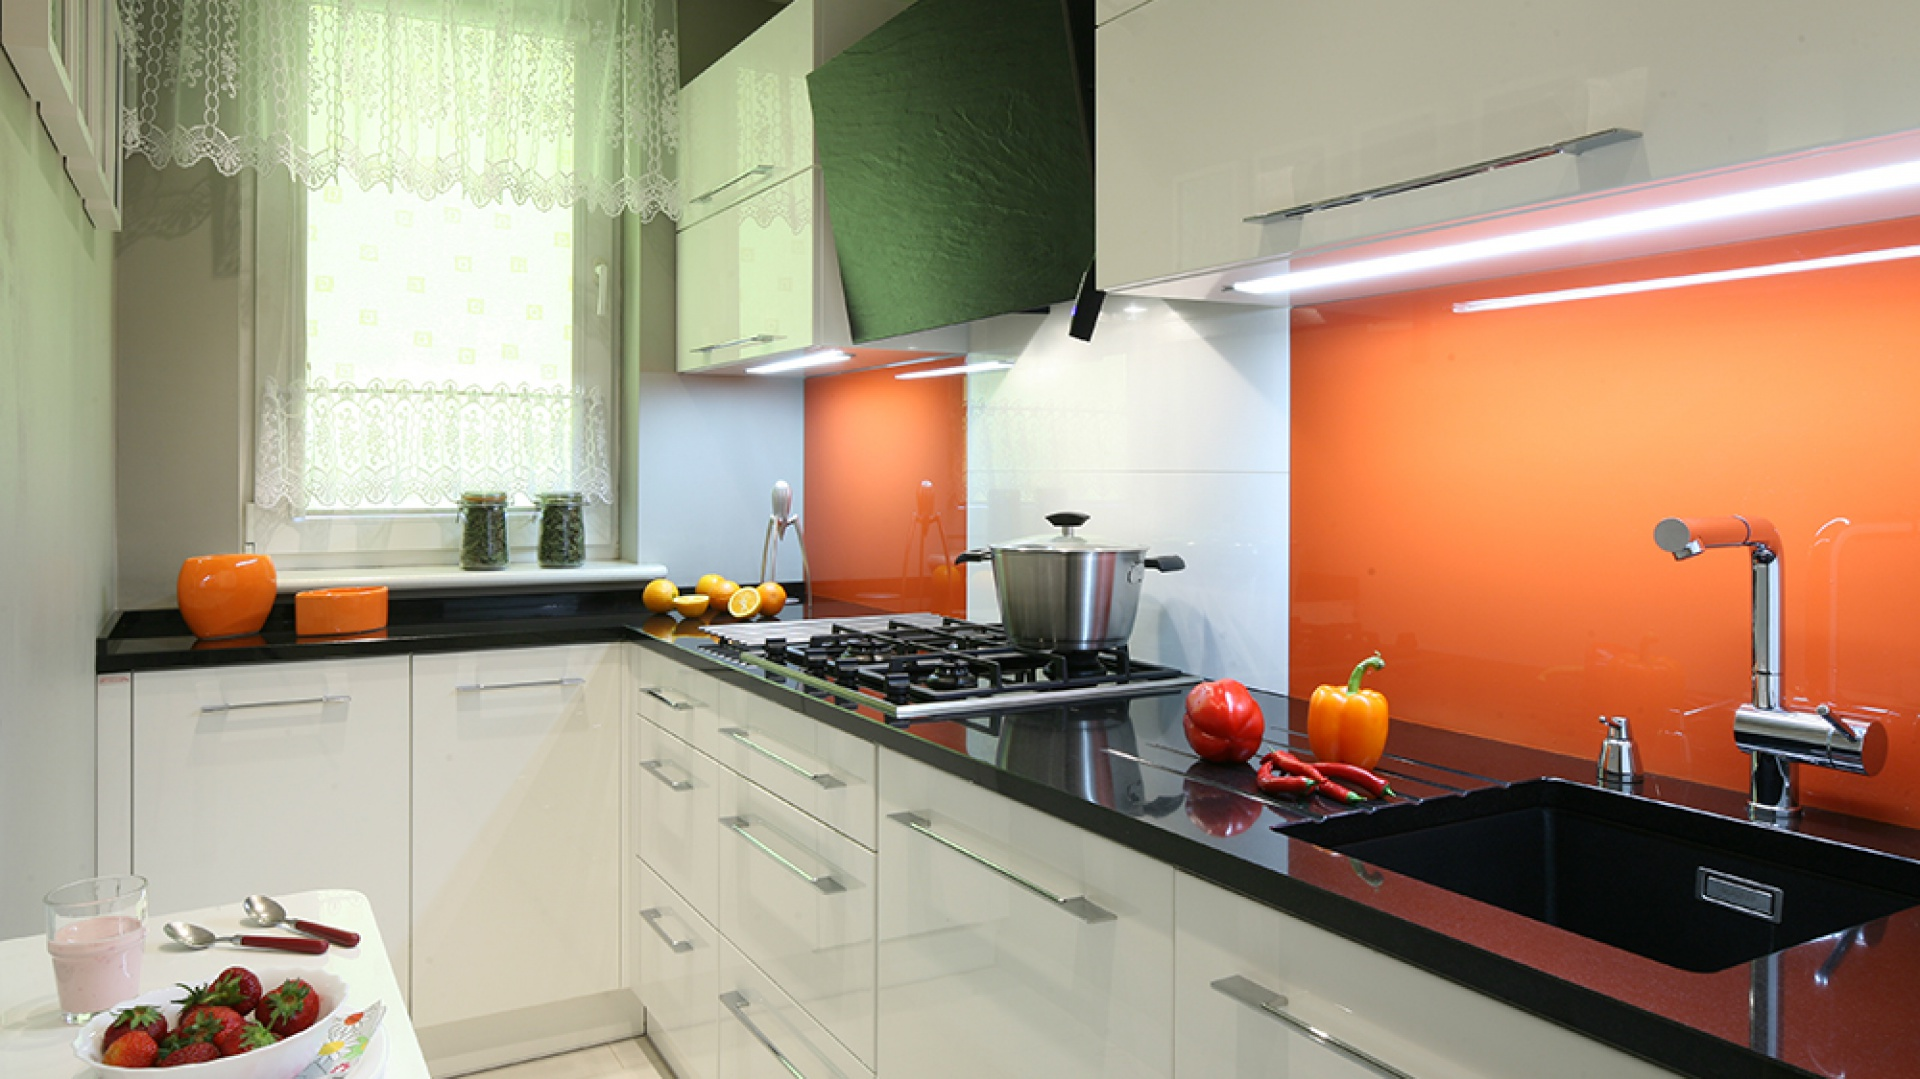 Nieduże pomieszczenie jest doskonale oświetlone halogenami na suficie oraz świetlówkami (TCo. Trading Company), umieszczonymi w specjalnie wyfrezowanych zagłębieniach pod szafkami górnymi. Dodatkowe źródło światła stanowi lampa nad stolikiem śniadaniowym. Fot. Bartosz Jarosz.